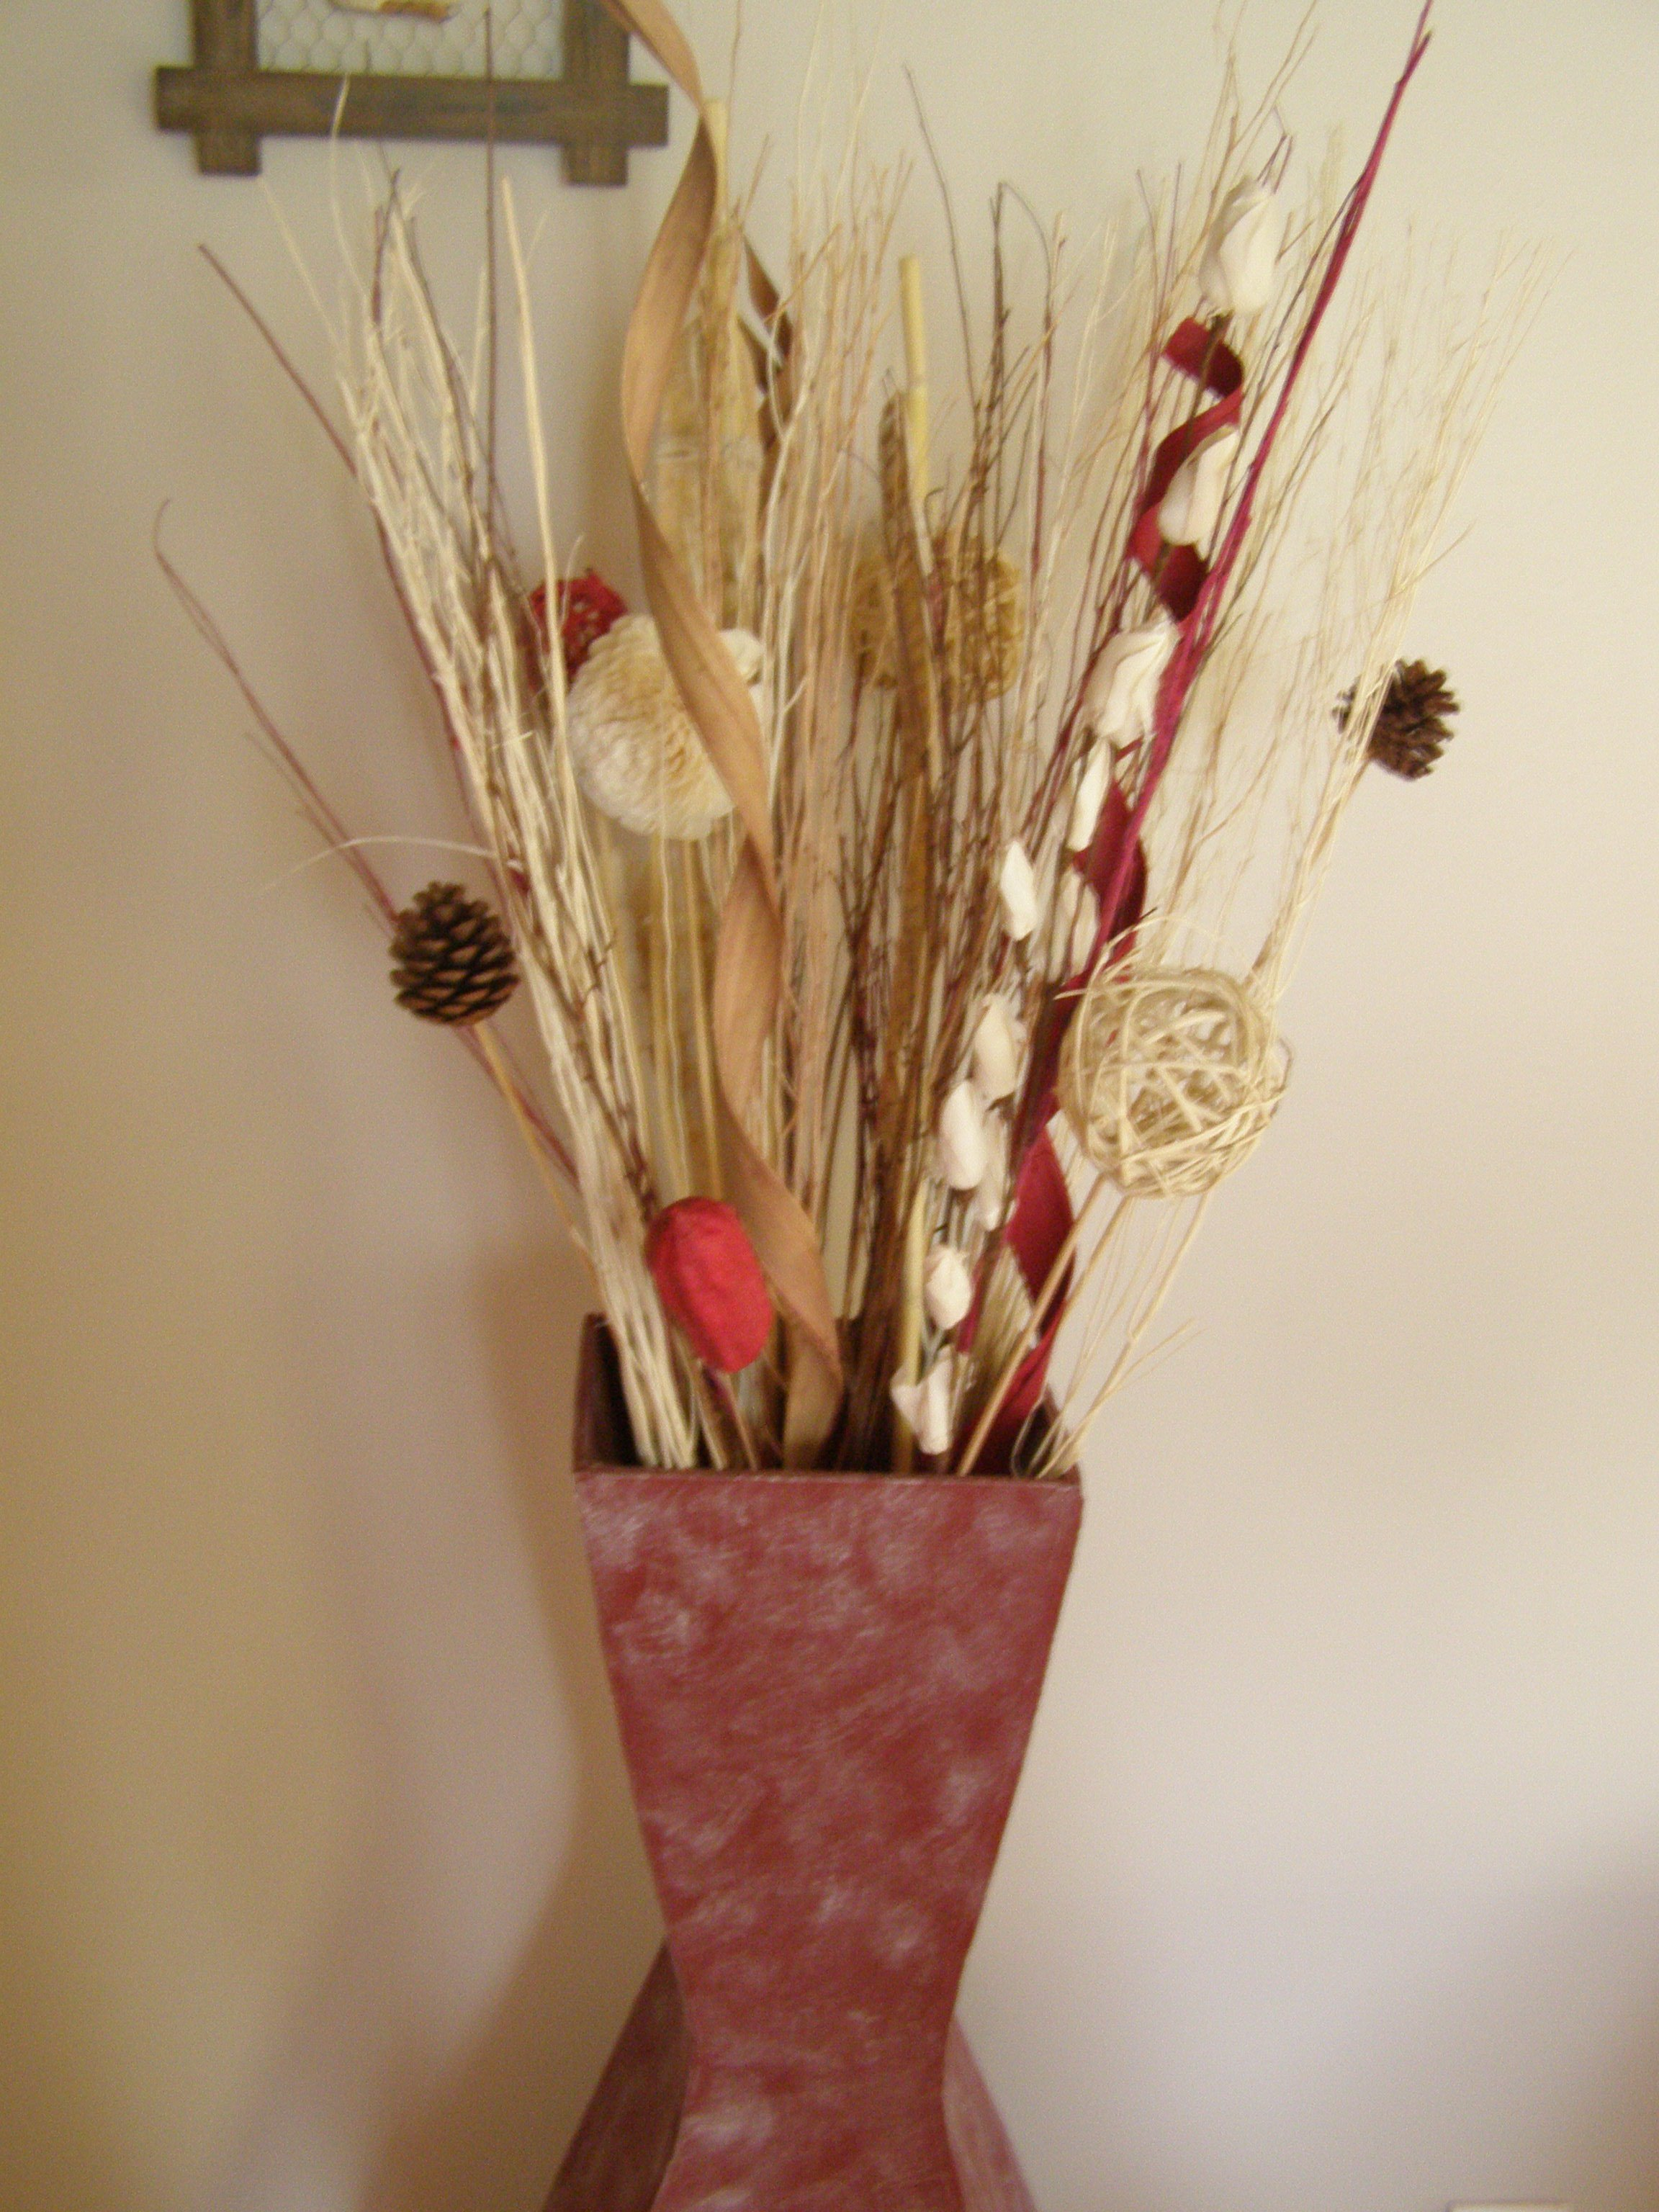 Le Grand Vase La Deco De Sucrette